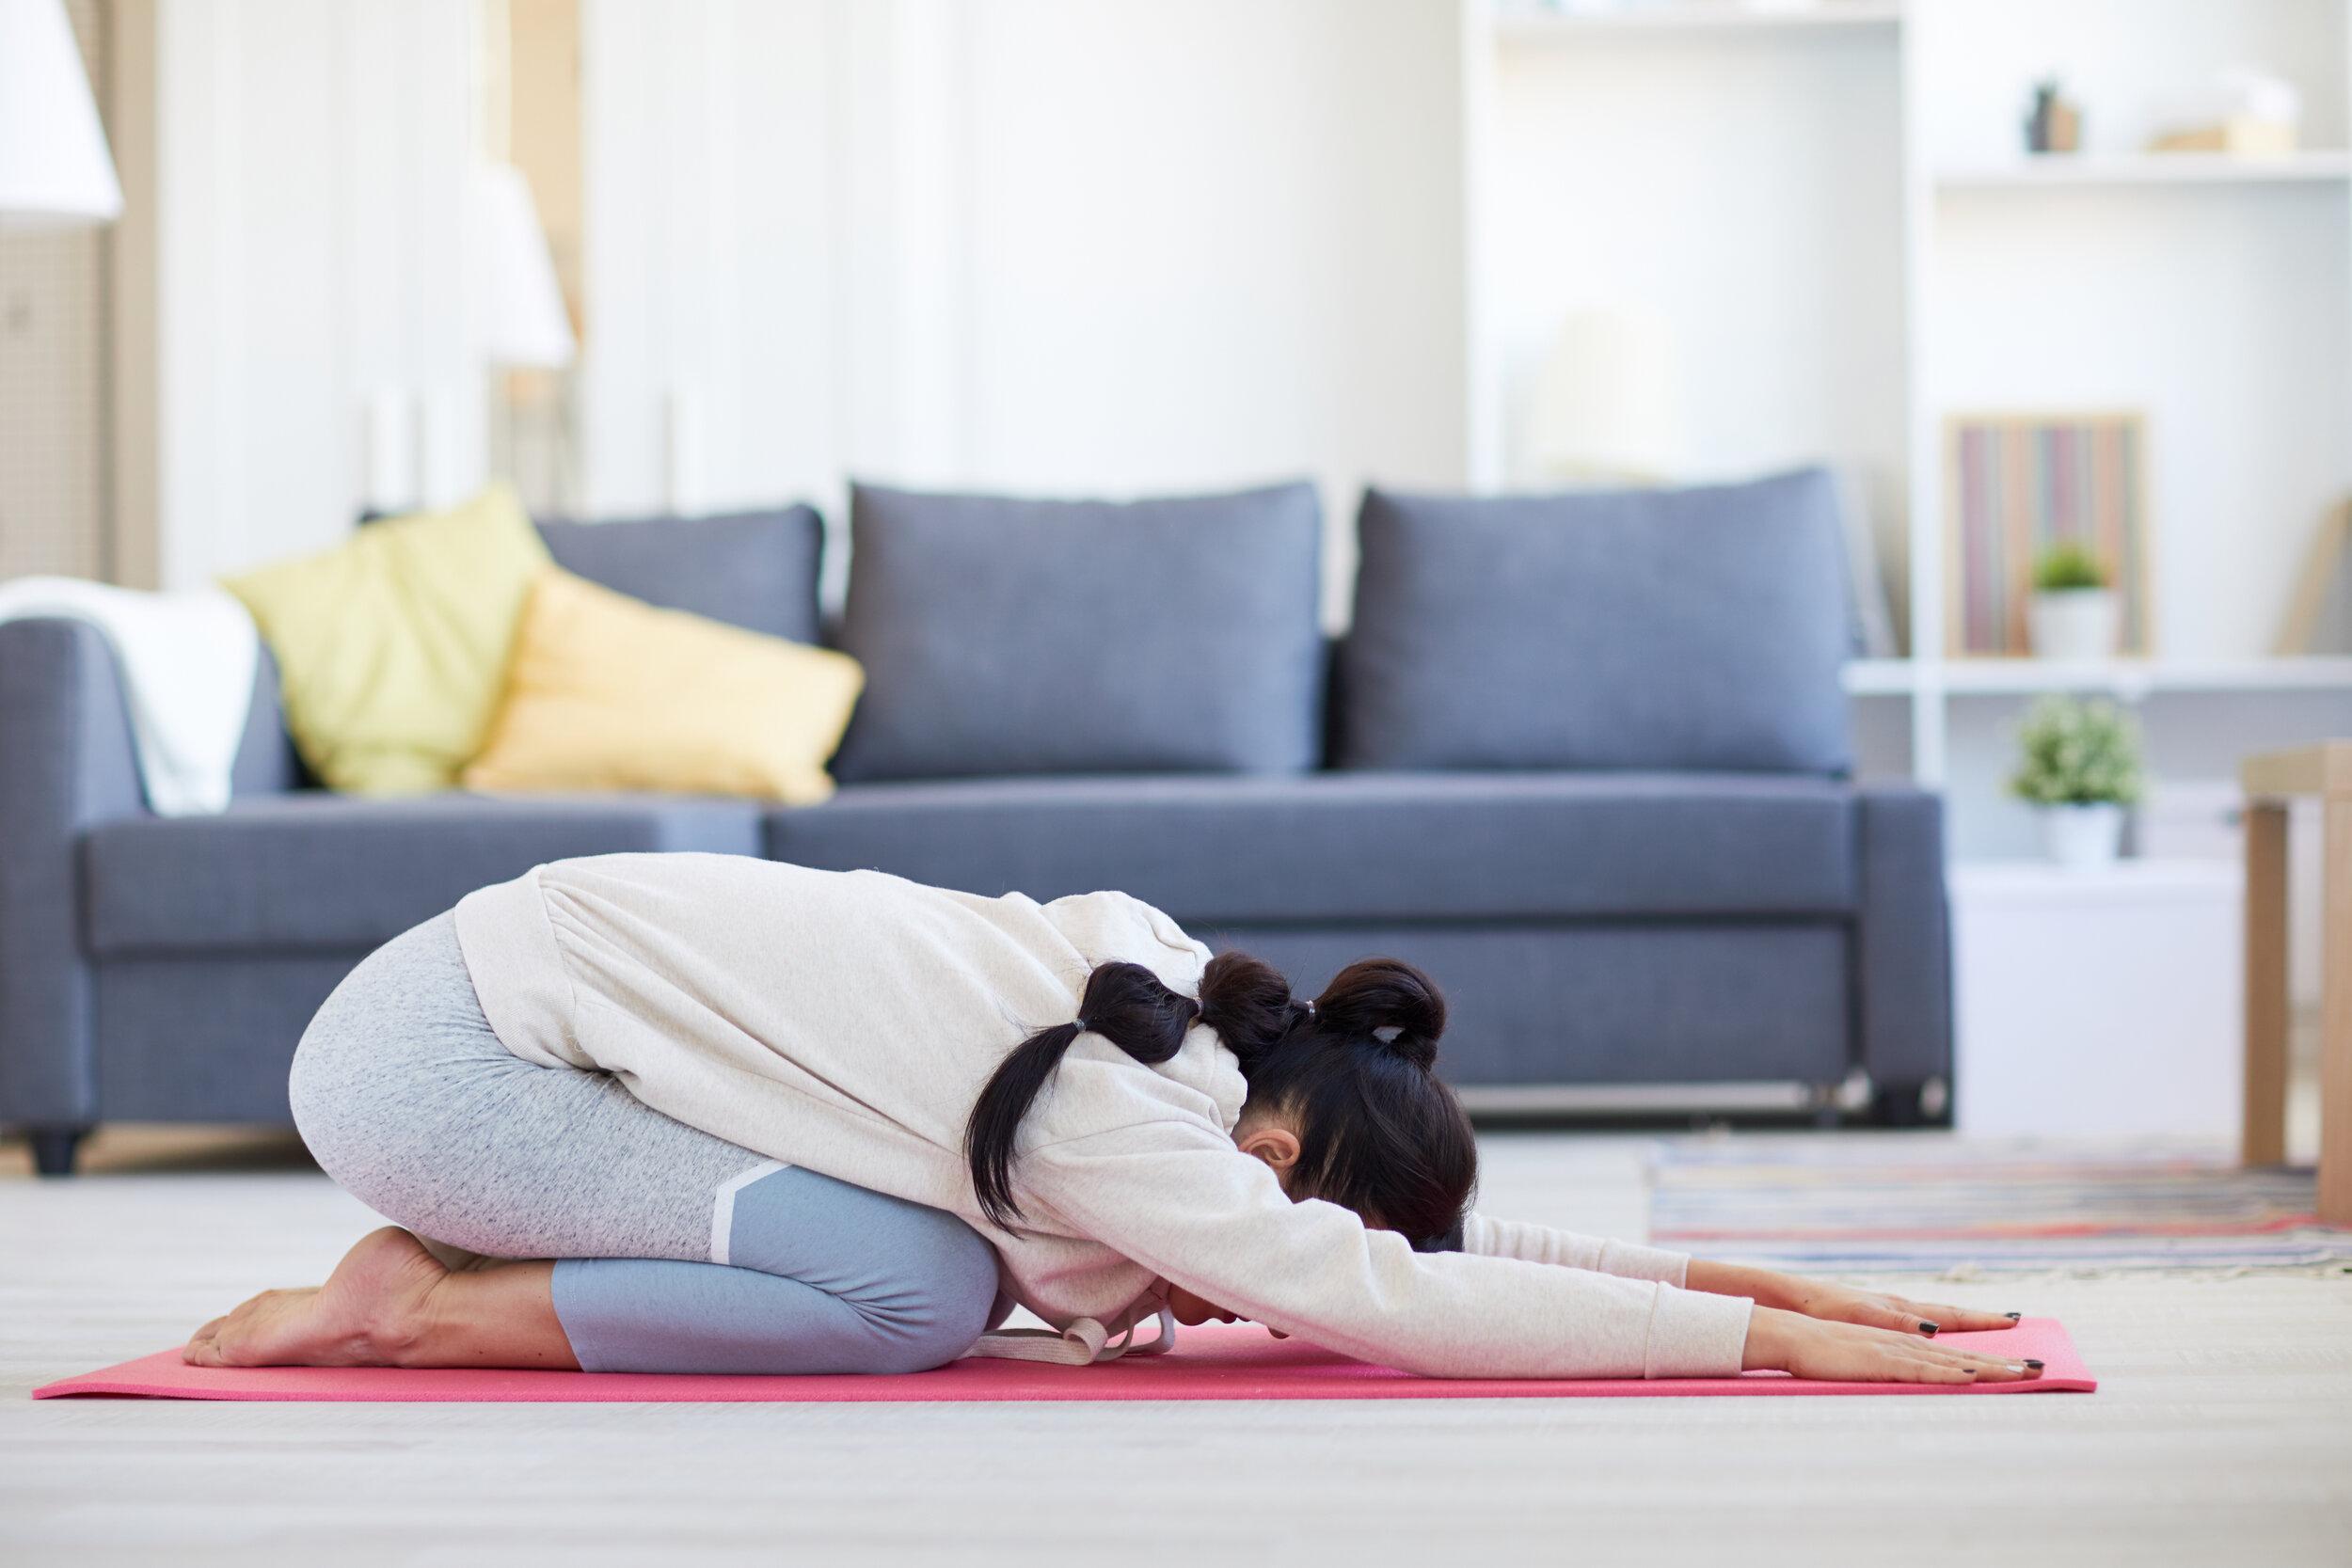 exercising-at-home-8GCMQWK.jpg